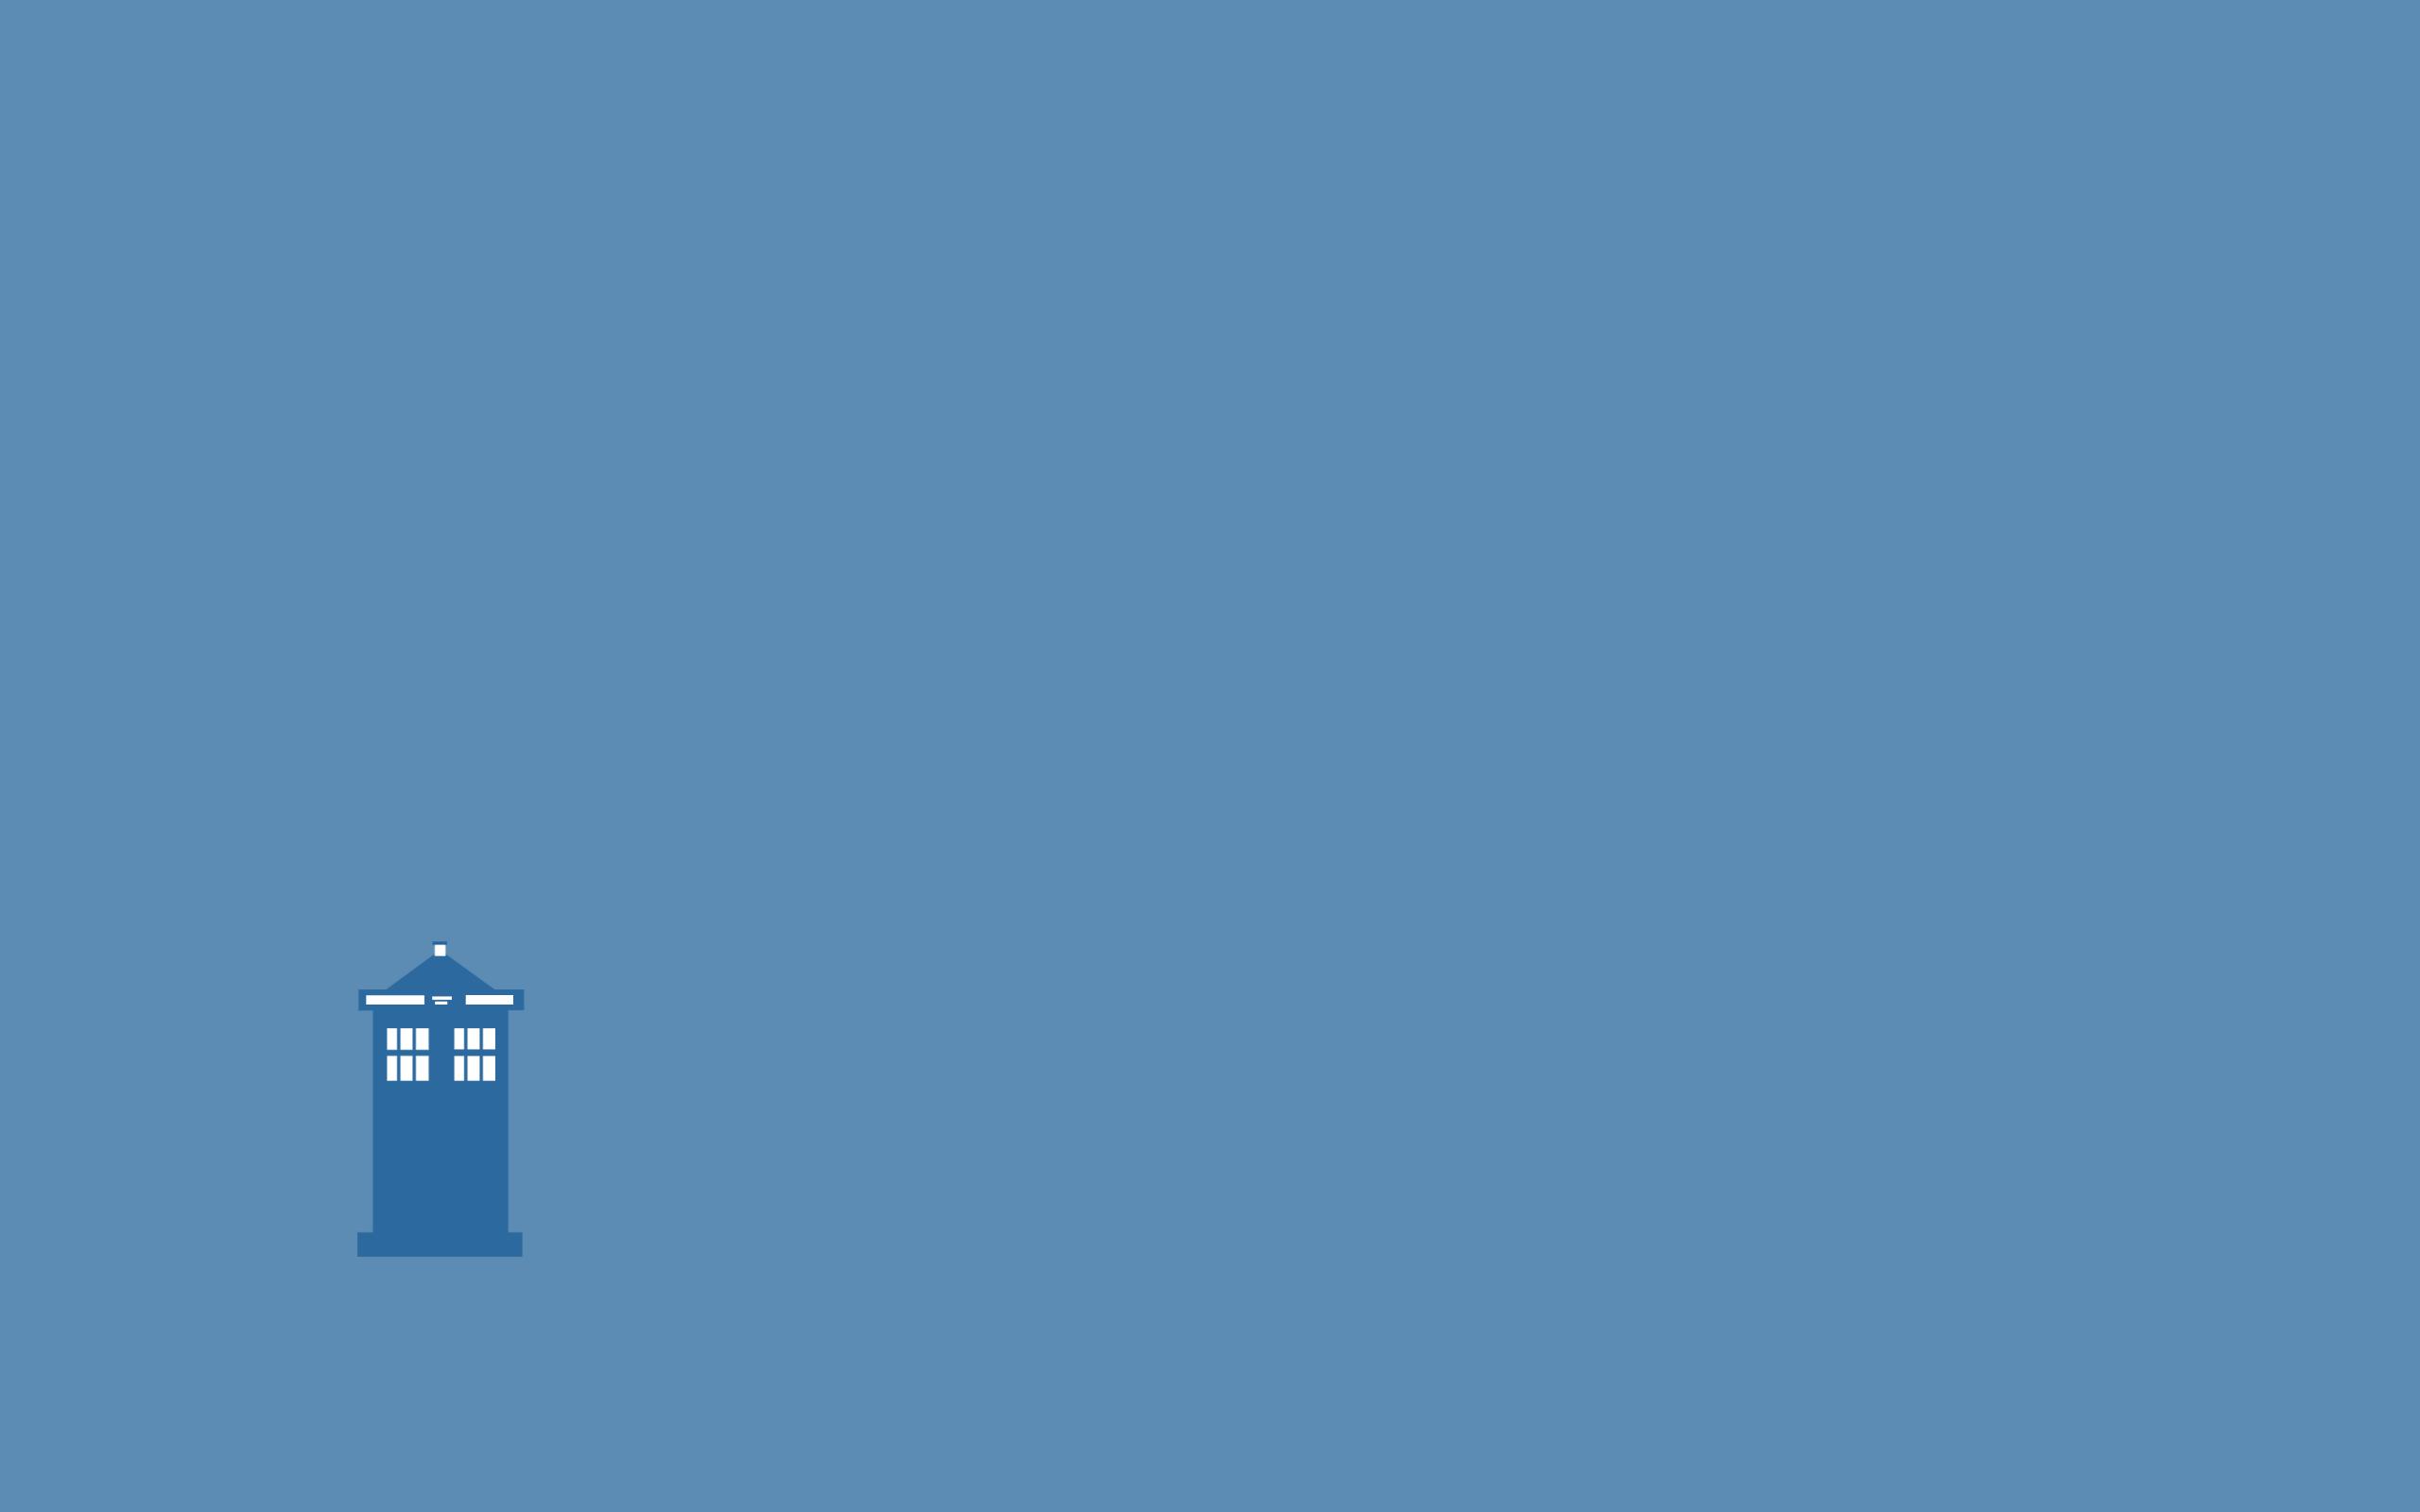 Simple Wallpaper Mac Doctor Who - a901da6bcd9a062d87d3431956f99439  Trends_331129.png